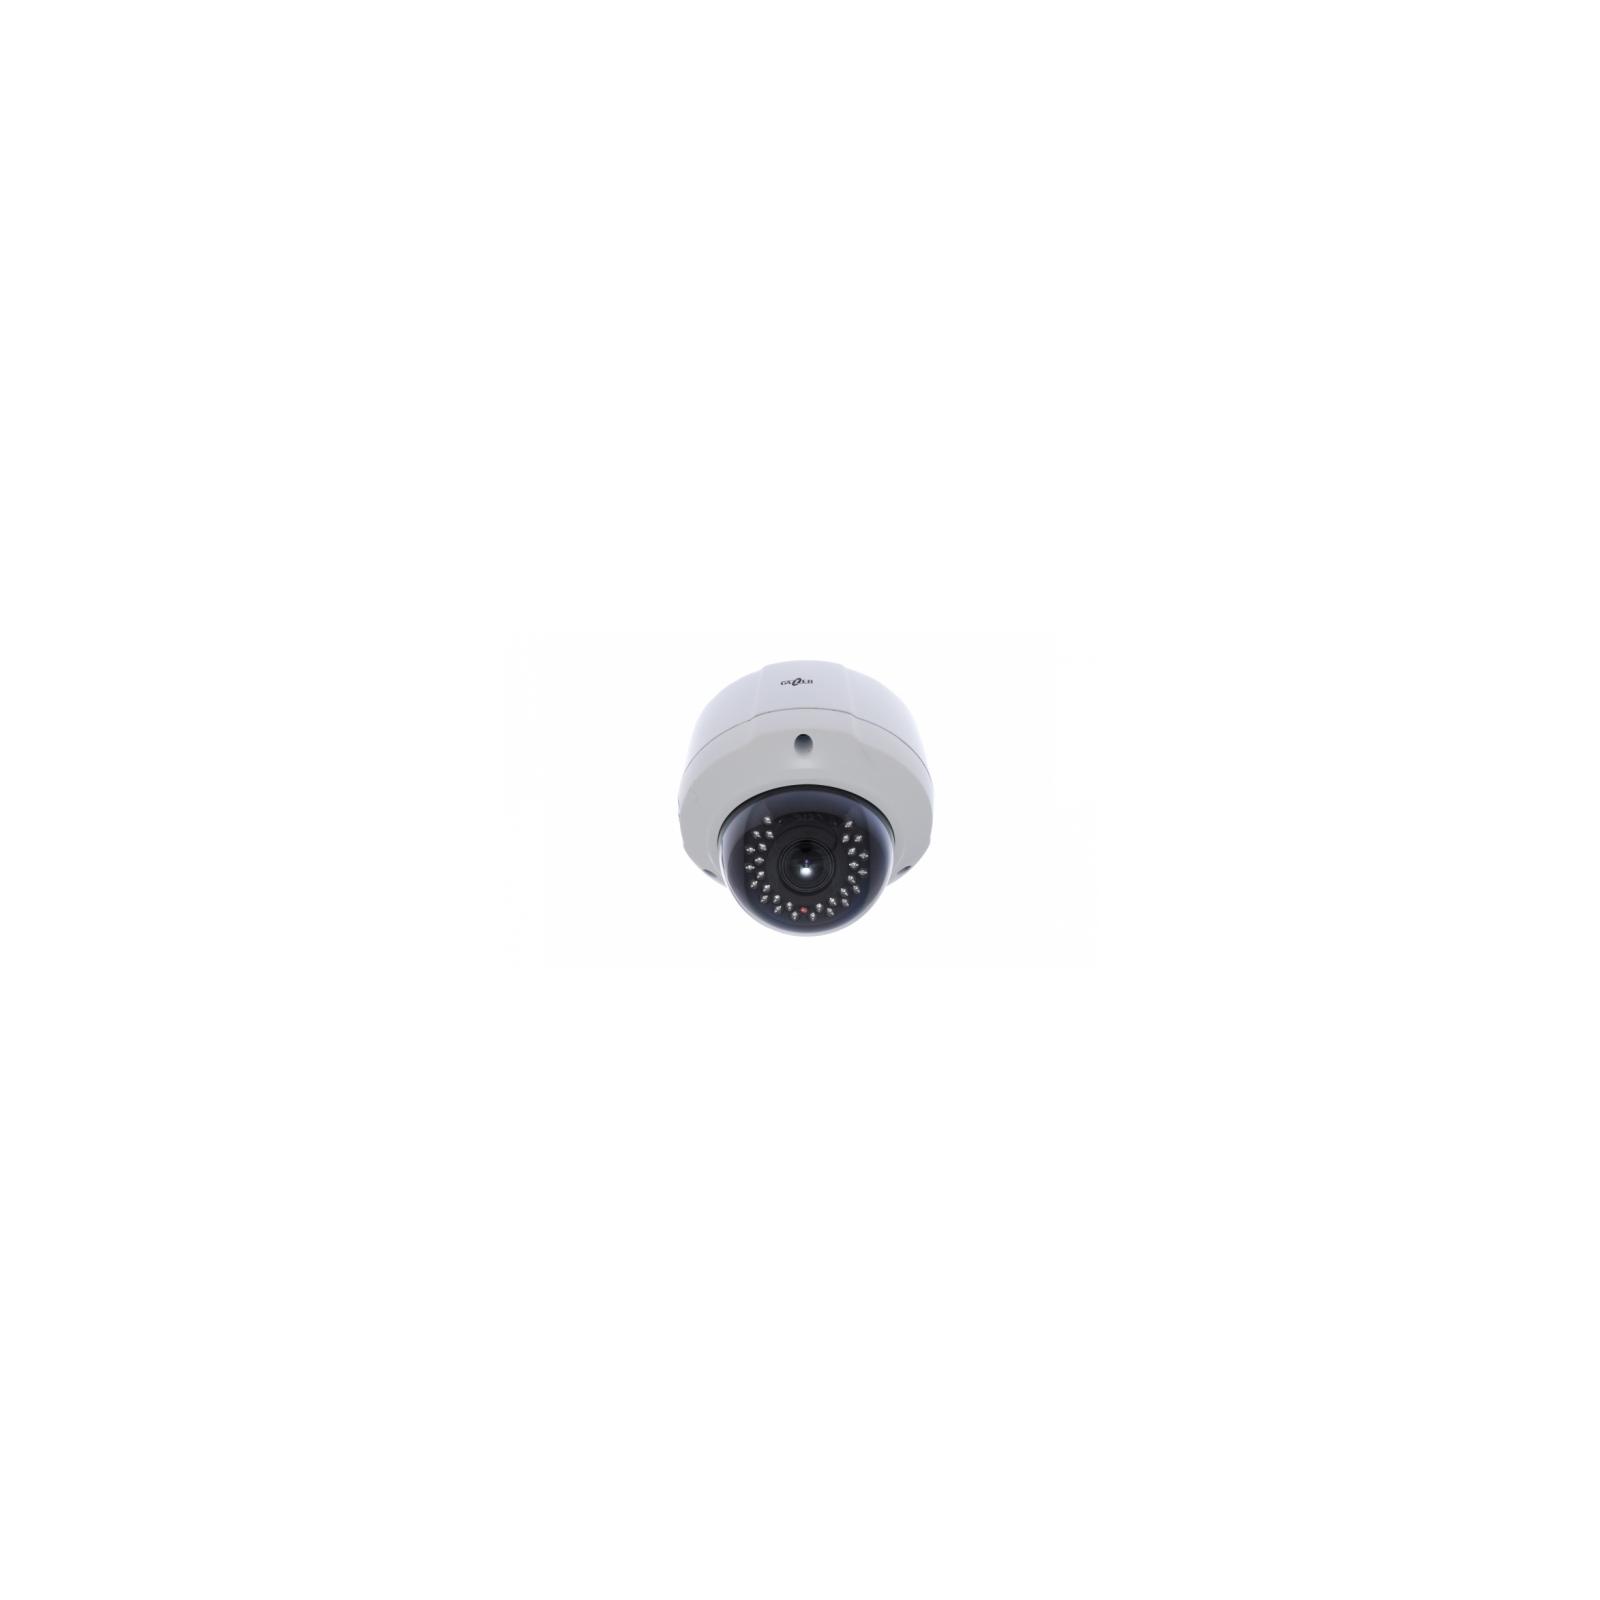 Камера видеонаблюдения Gazer SVC CI232 (CI232) изображение 2